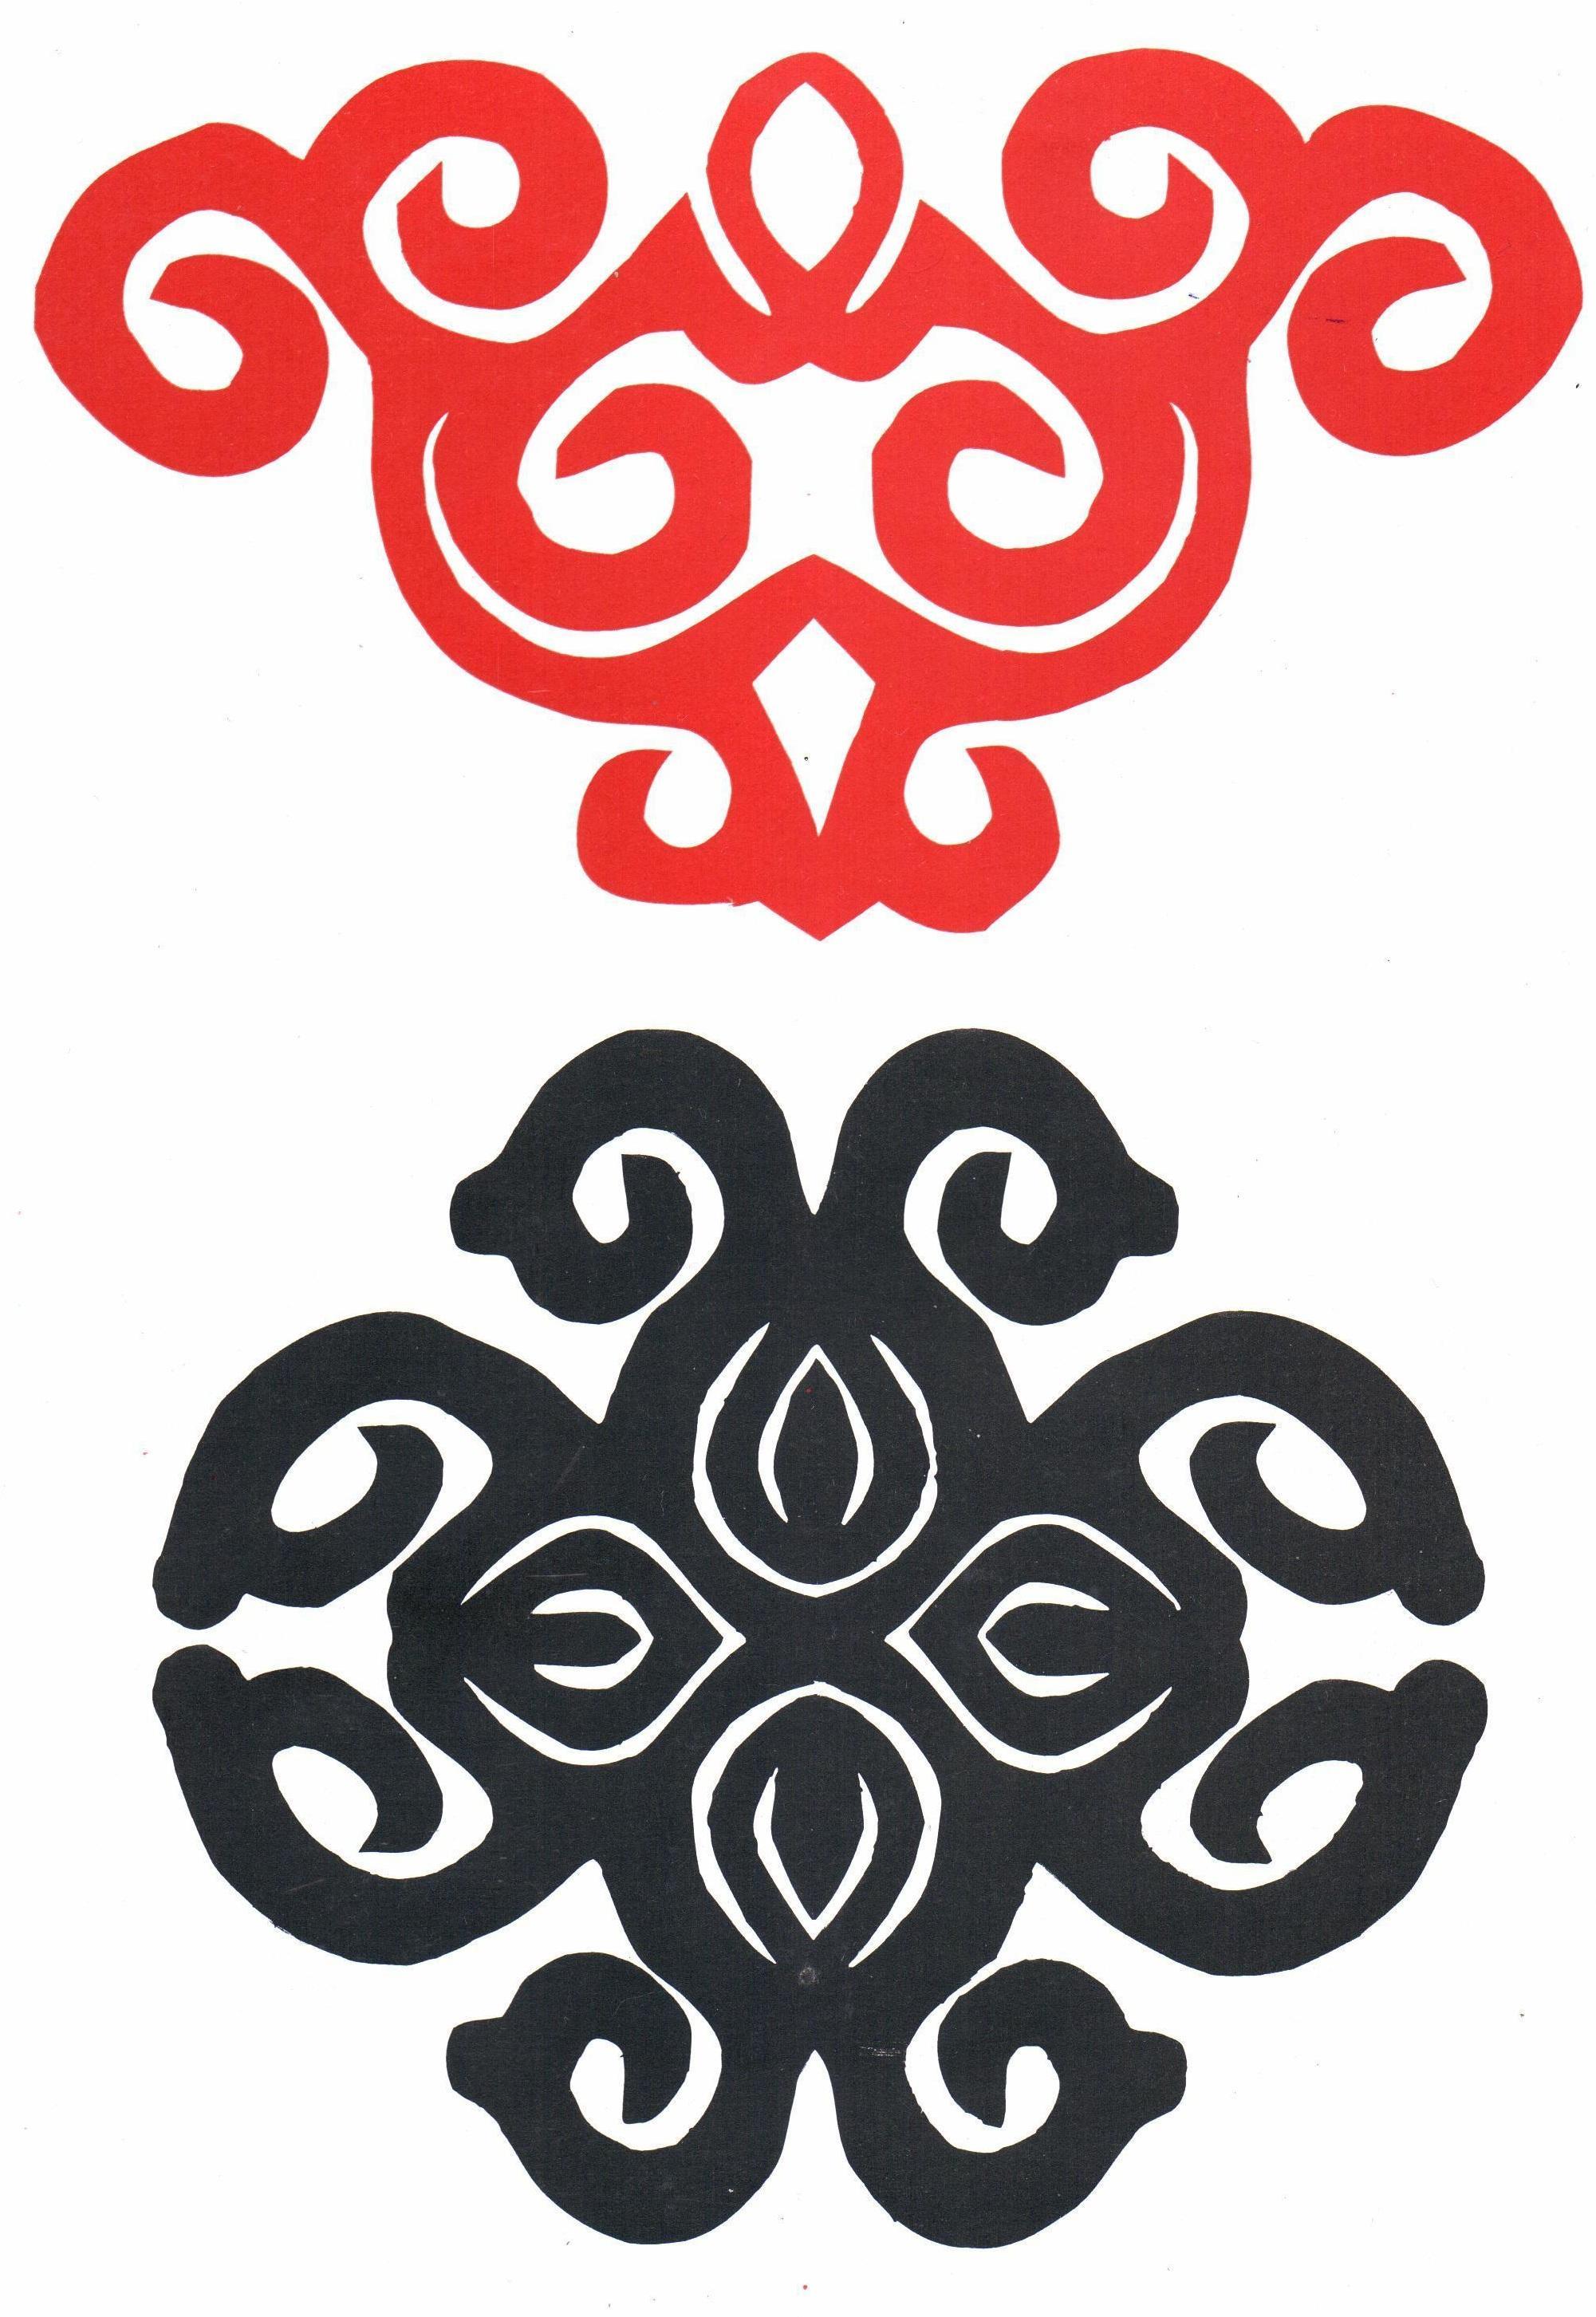 Адыгейский орнамент картинки на прозрачном фоне